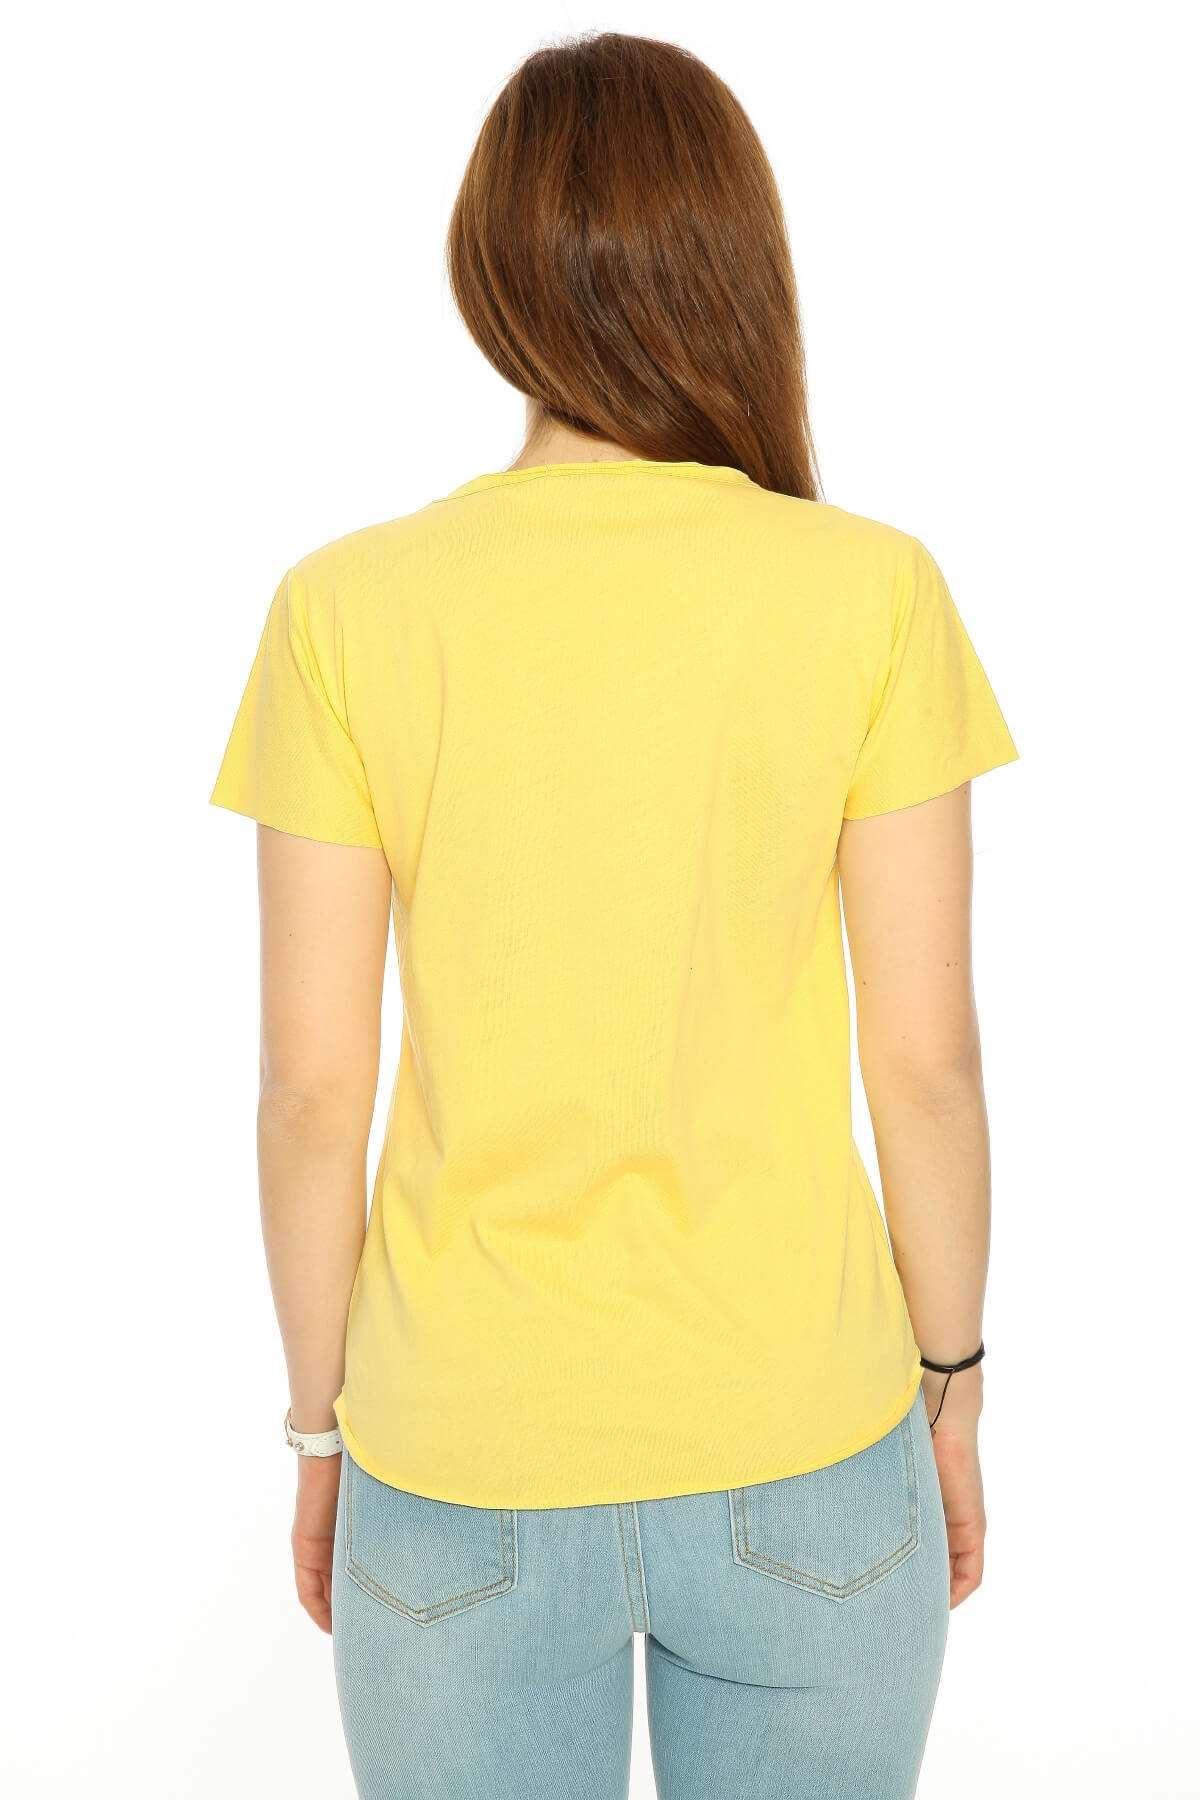 Taşlı Kartal Baskı V Yaka Tişört Sarı